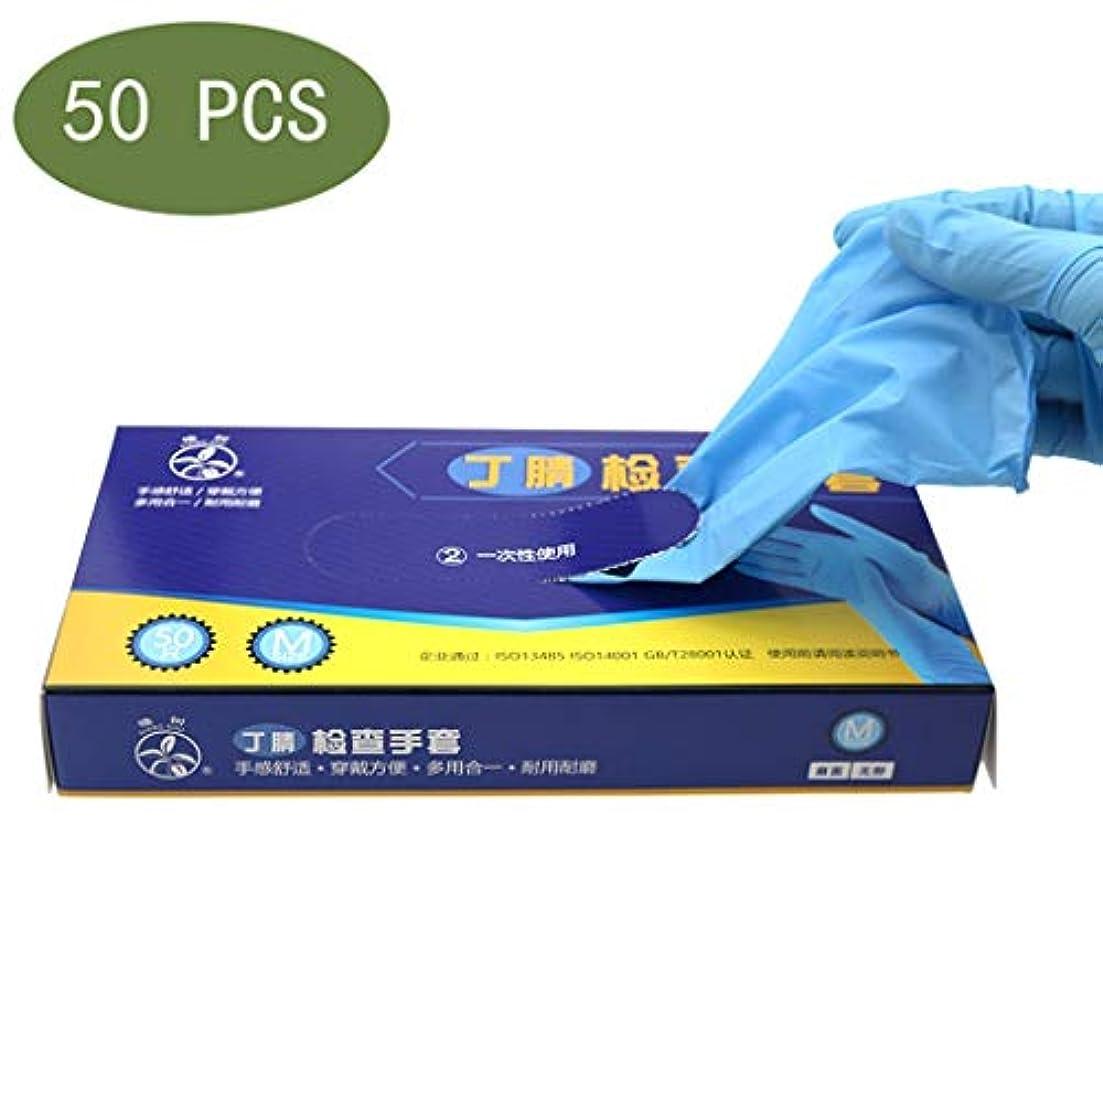 時期尚早迫害する恥ずかしいニトリル試験手袋-医療グレード、パウダーフリー、ラテックスゴムフリー、使い捨て、非滅菌、食品安全、テクスチャー、青、3ミル、50個入り、サイズ大、家庭用クリーニング手袋 (Color : Blue, Size : S)